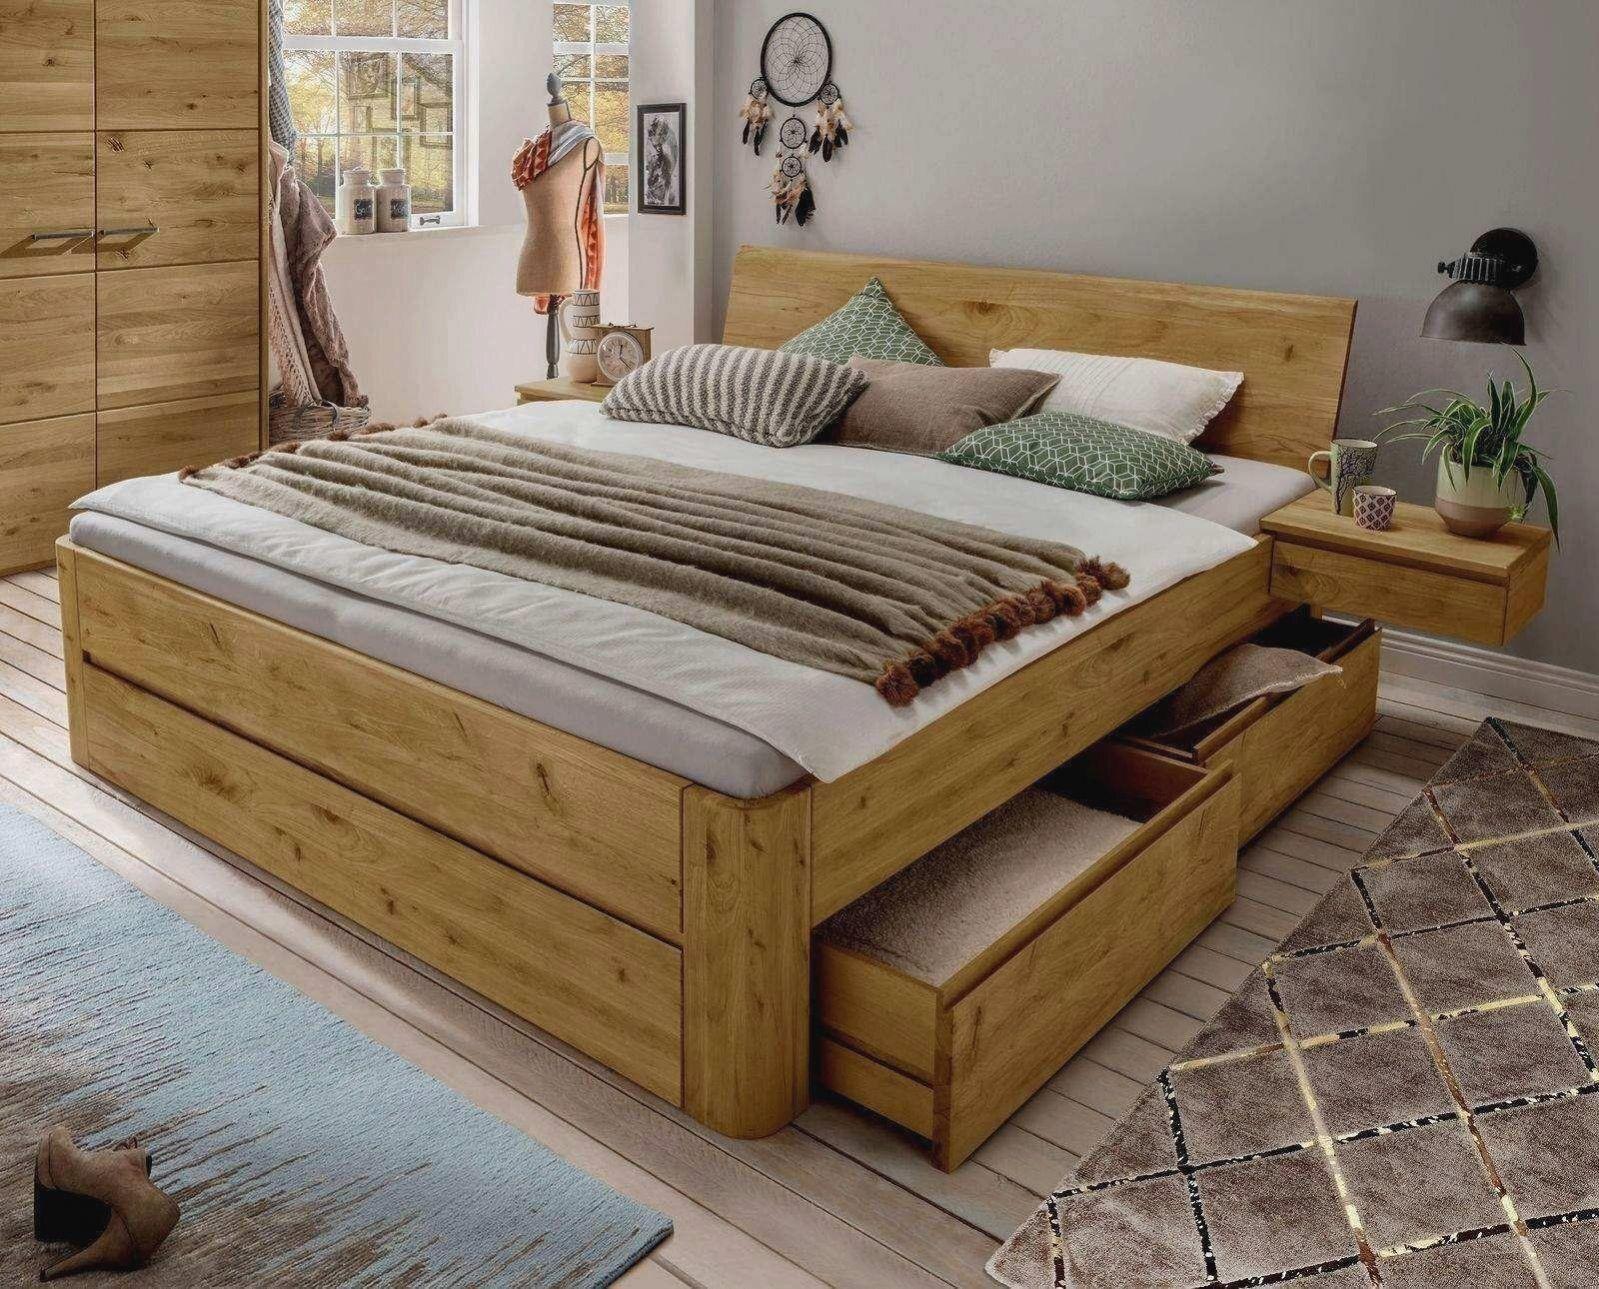 Die Besten Ideen 1 Bett Wohnideen Und Inspiration Fur Die Dekoration In 2020 Bett Selber Bauen Holzbalken Bett Bett Holz